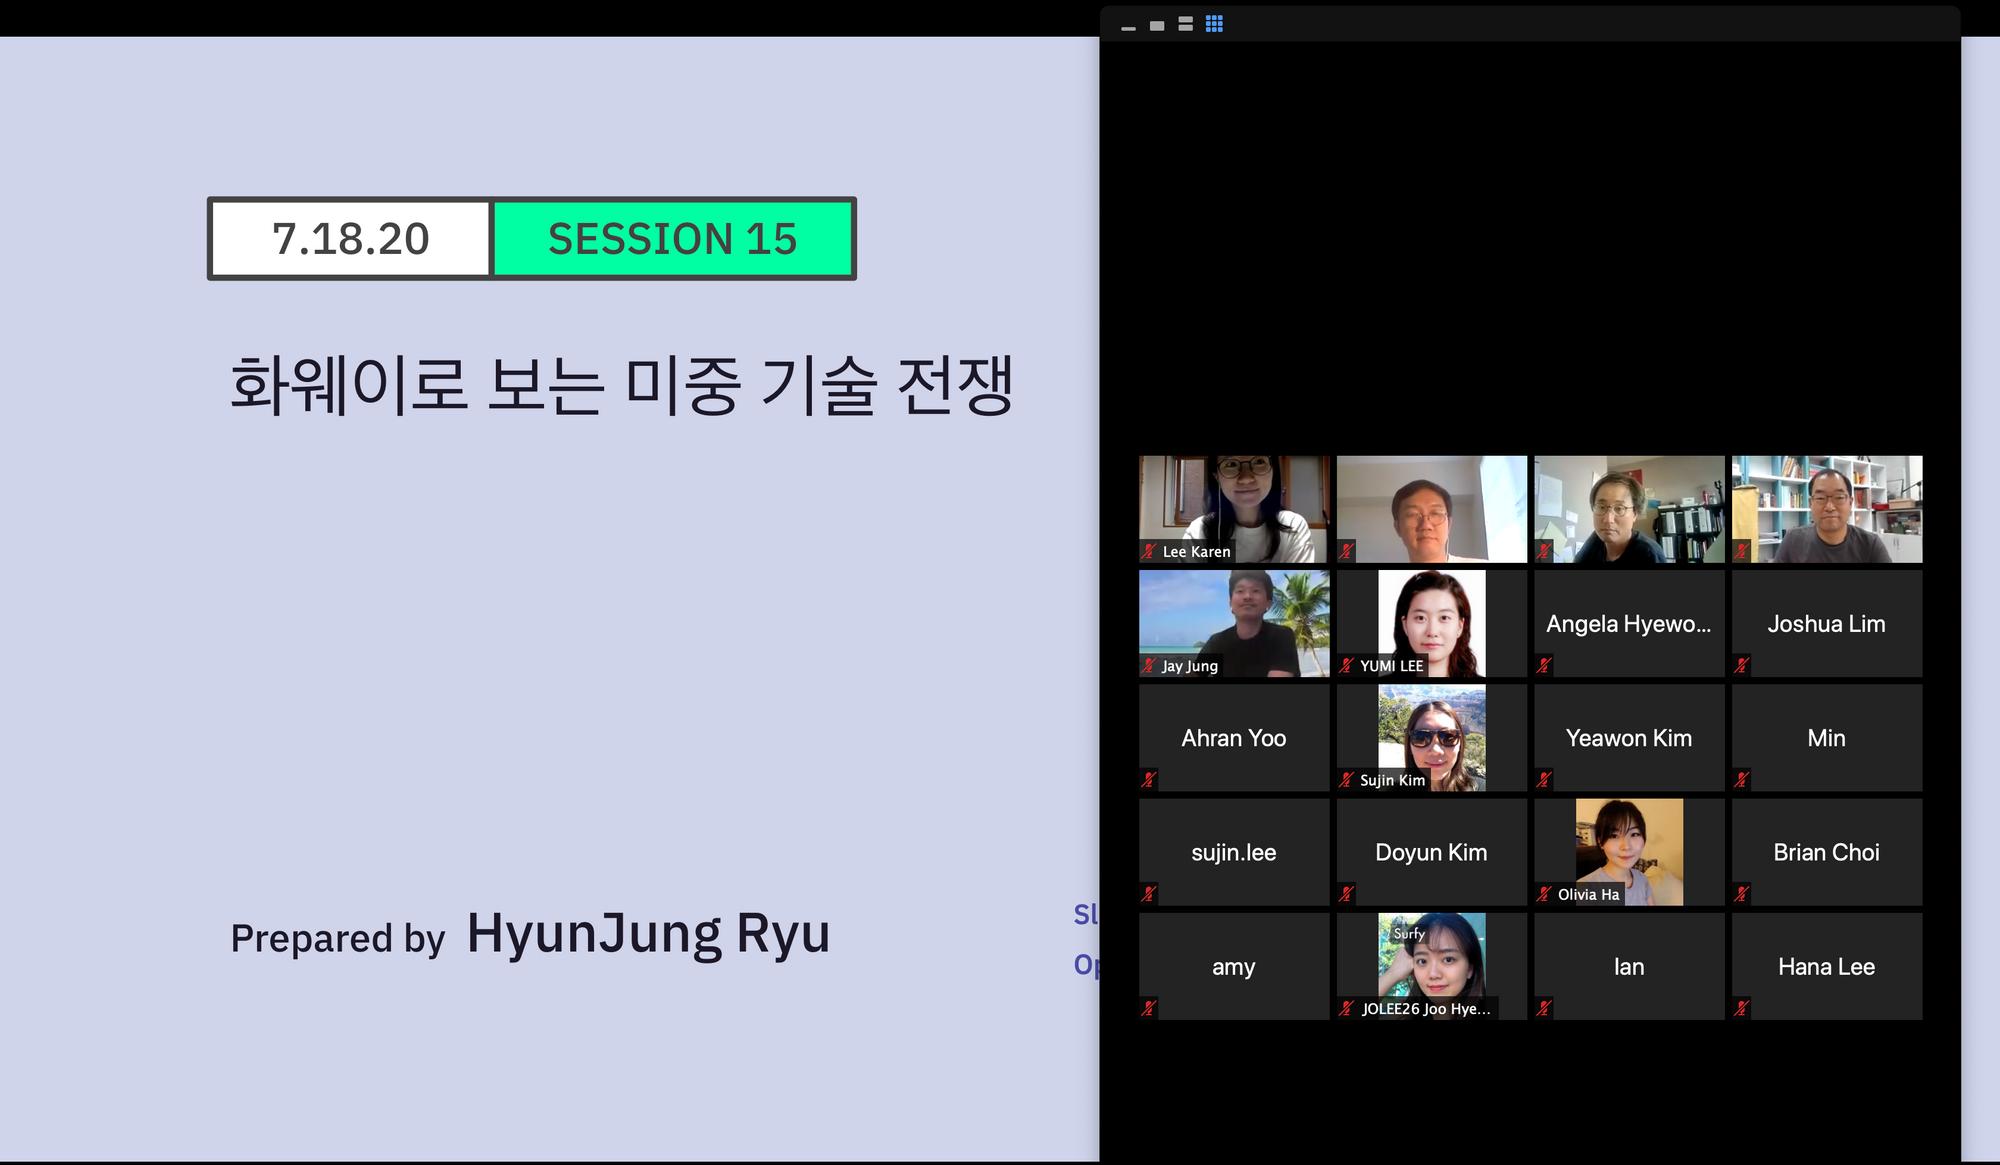 Screen_Shot_2020-07-18_at_6.09.33_PM.png